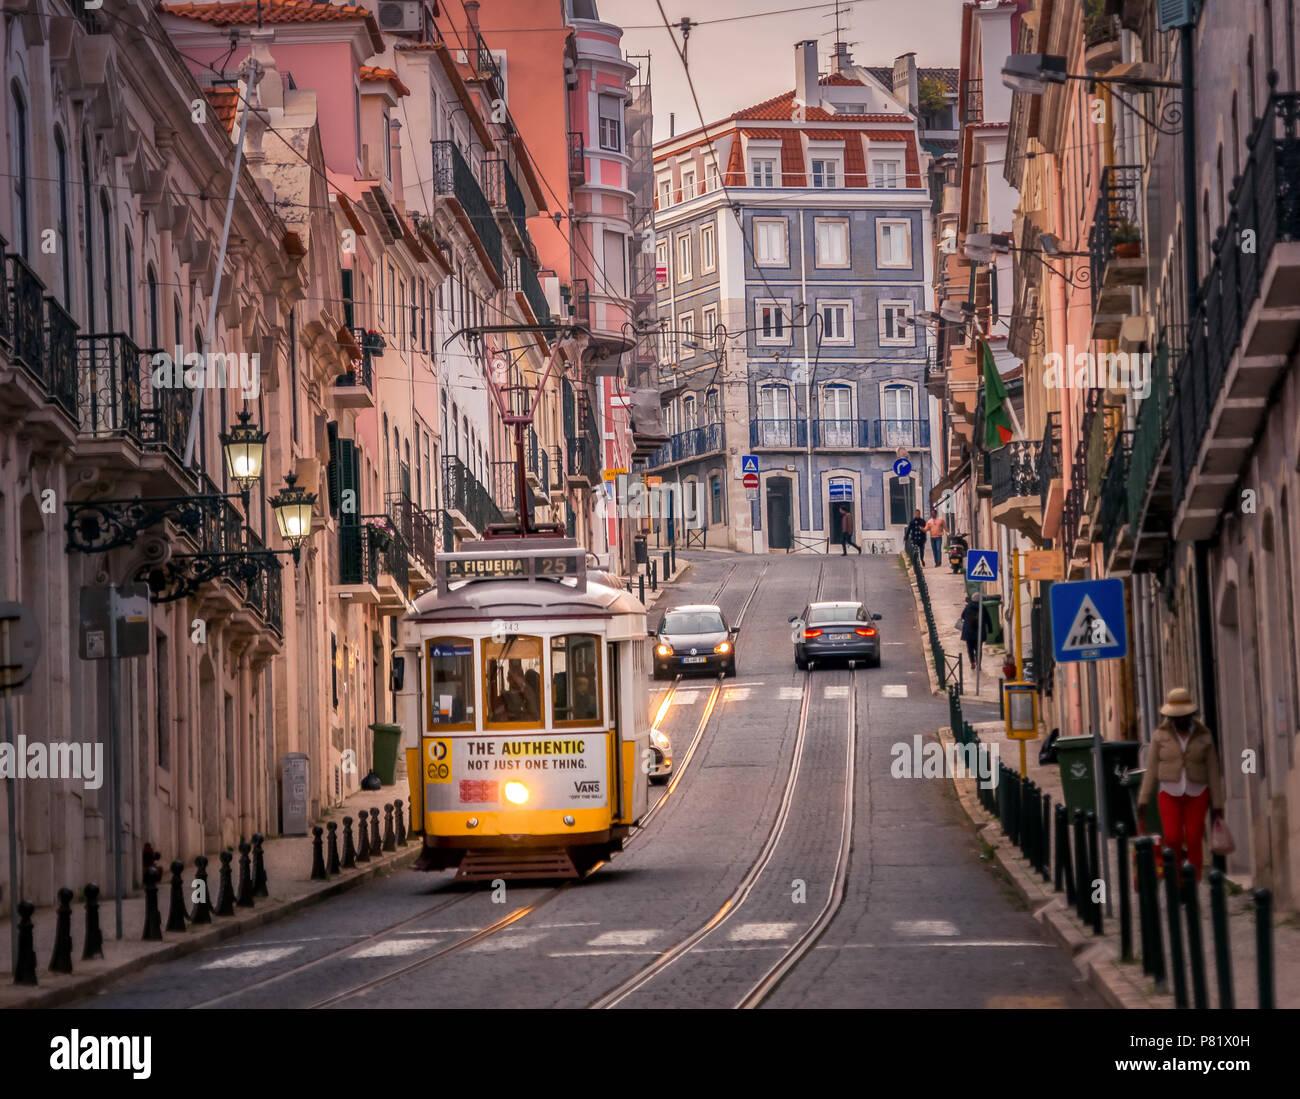 Lissabon, Portugal, berühmten Straßenbahn in der Lapa Bereich Stockbild